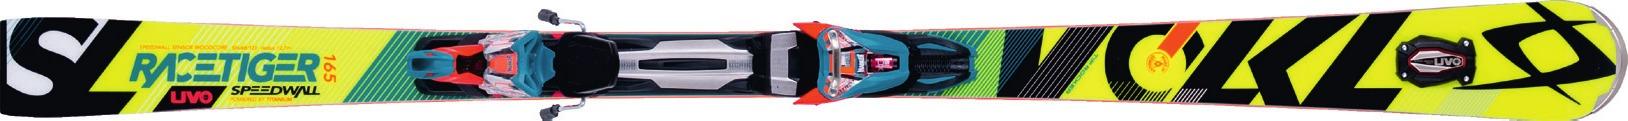 Völkl Racetiger Speedwall SL UVO